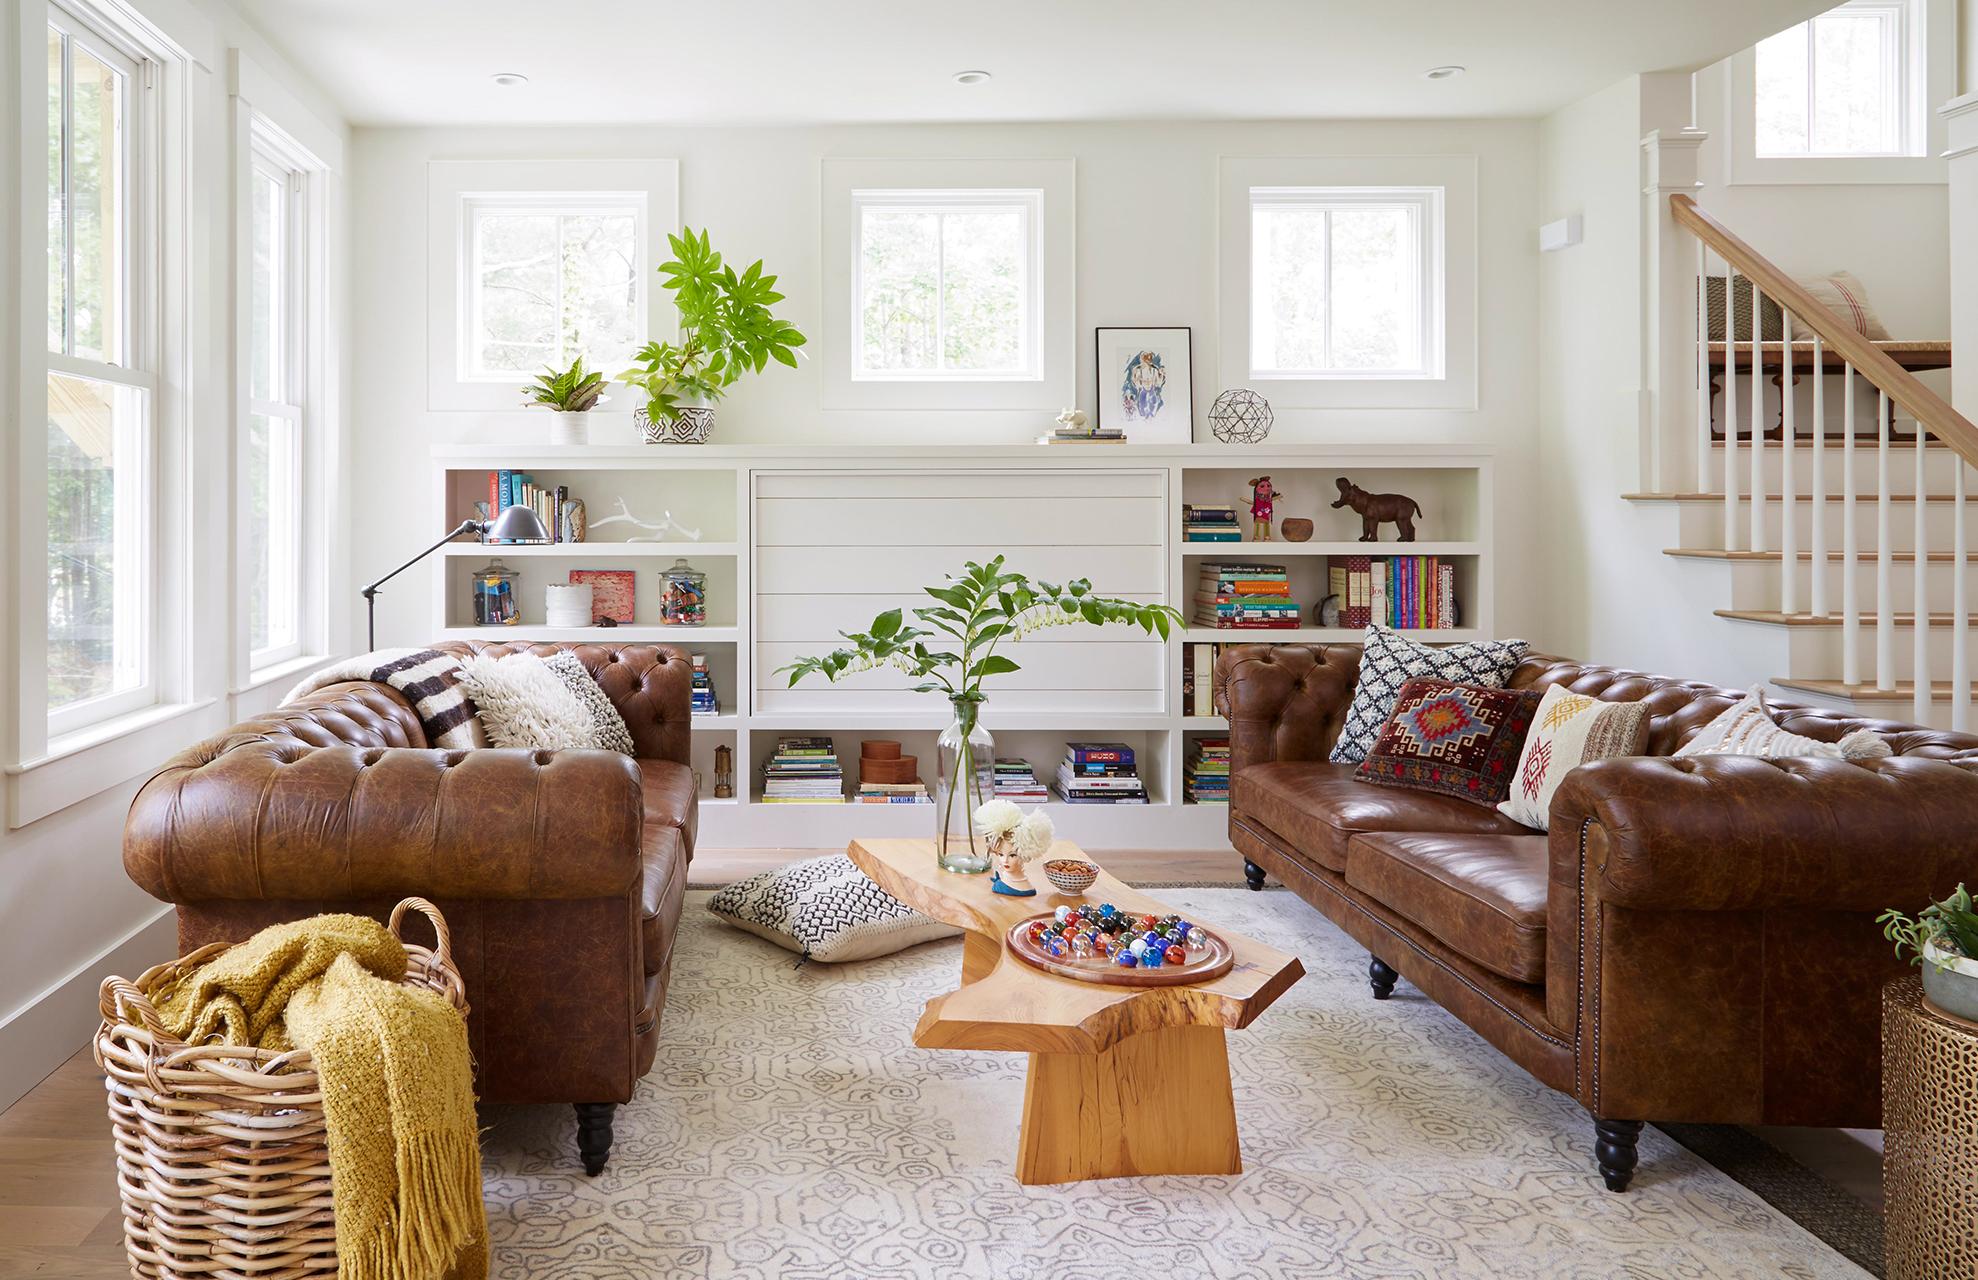 اتاق خانوادگی و اتاق نشیمن چه تفاوت هایی دارند؟